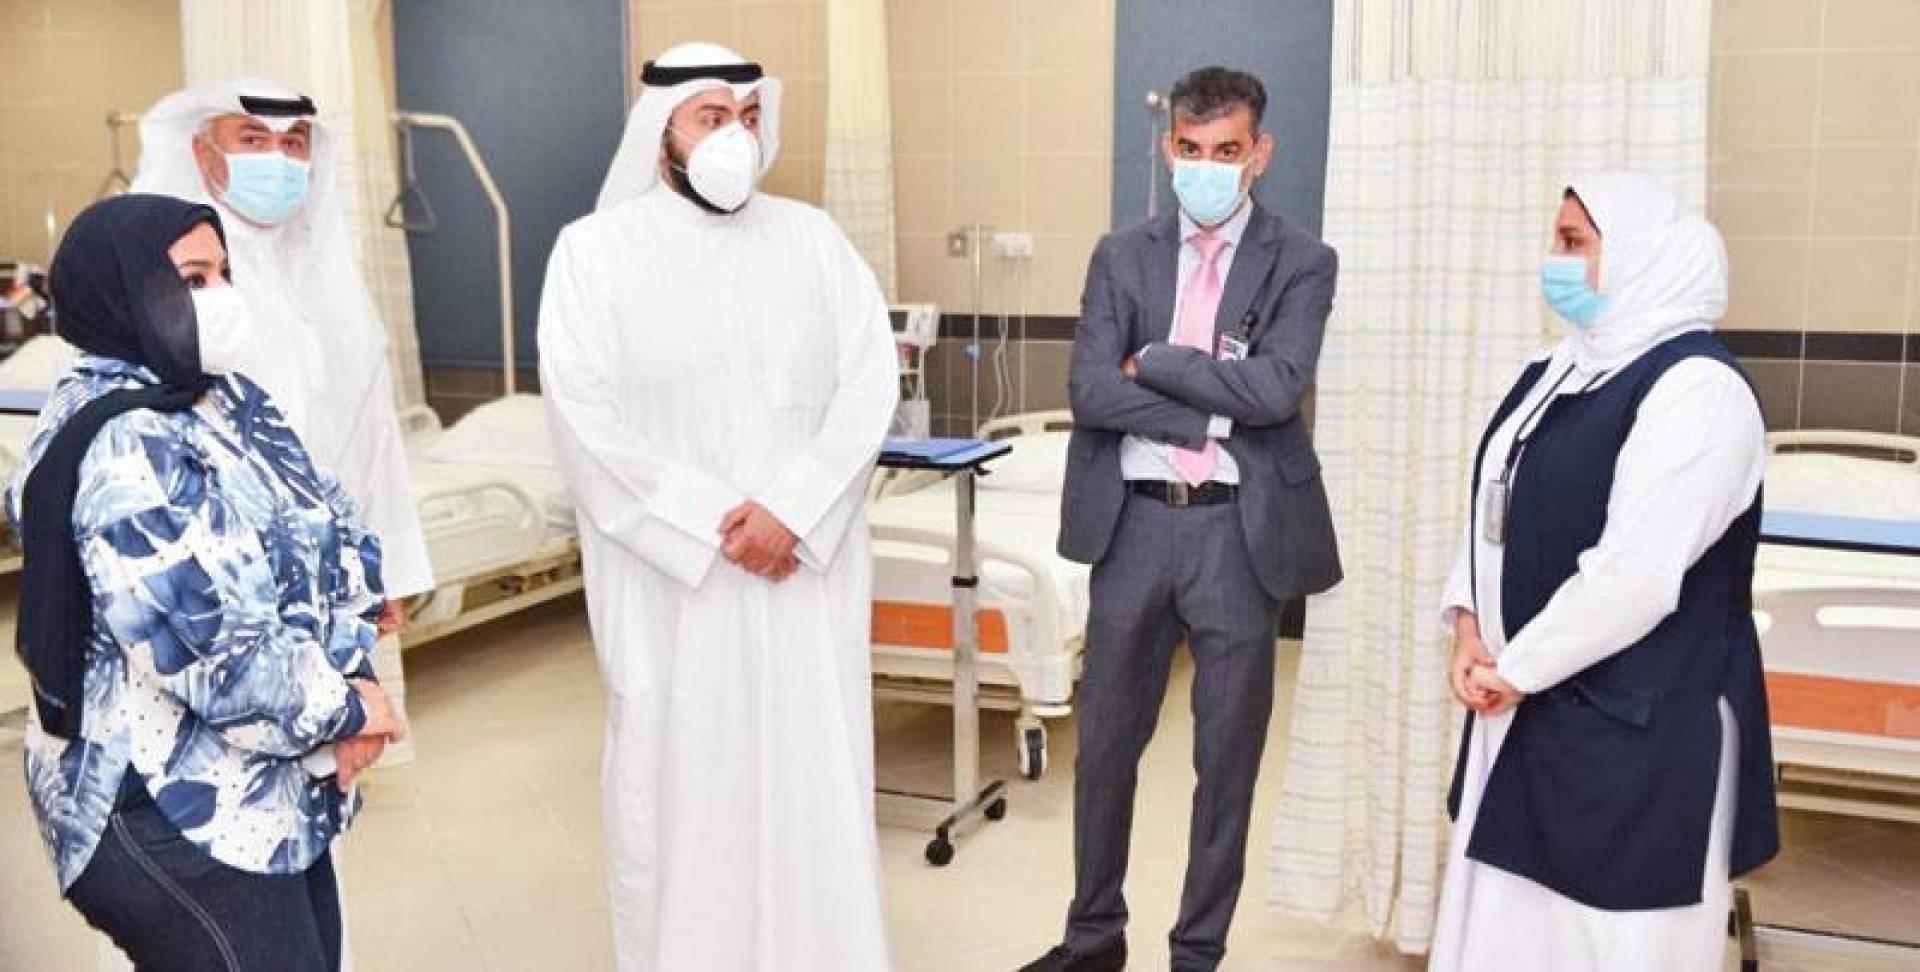 وزير الصحة أثناء افتتاح مركز صحي في مدينة صباح الأحمد